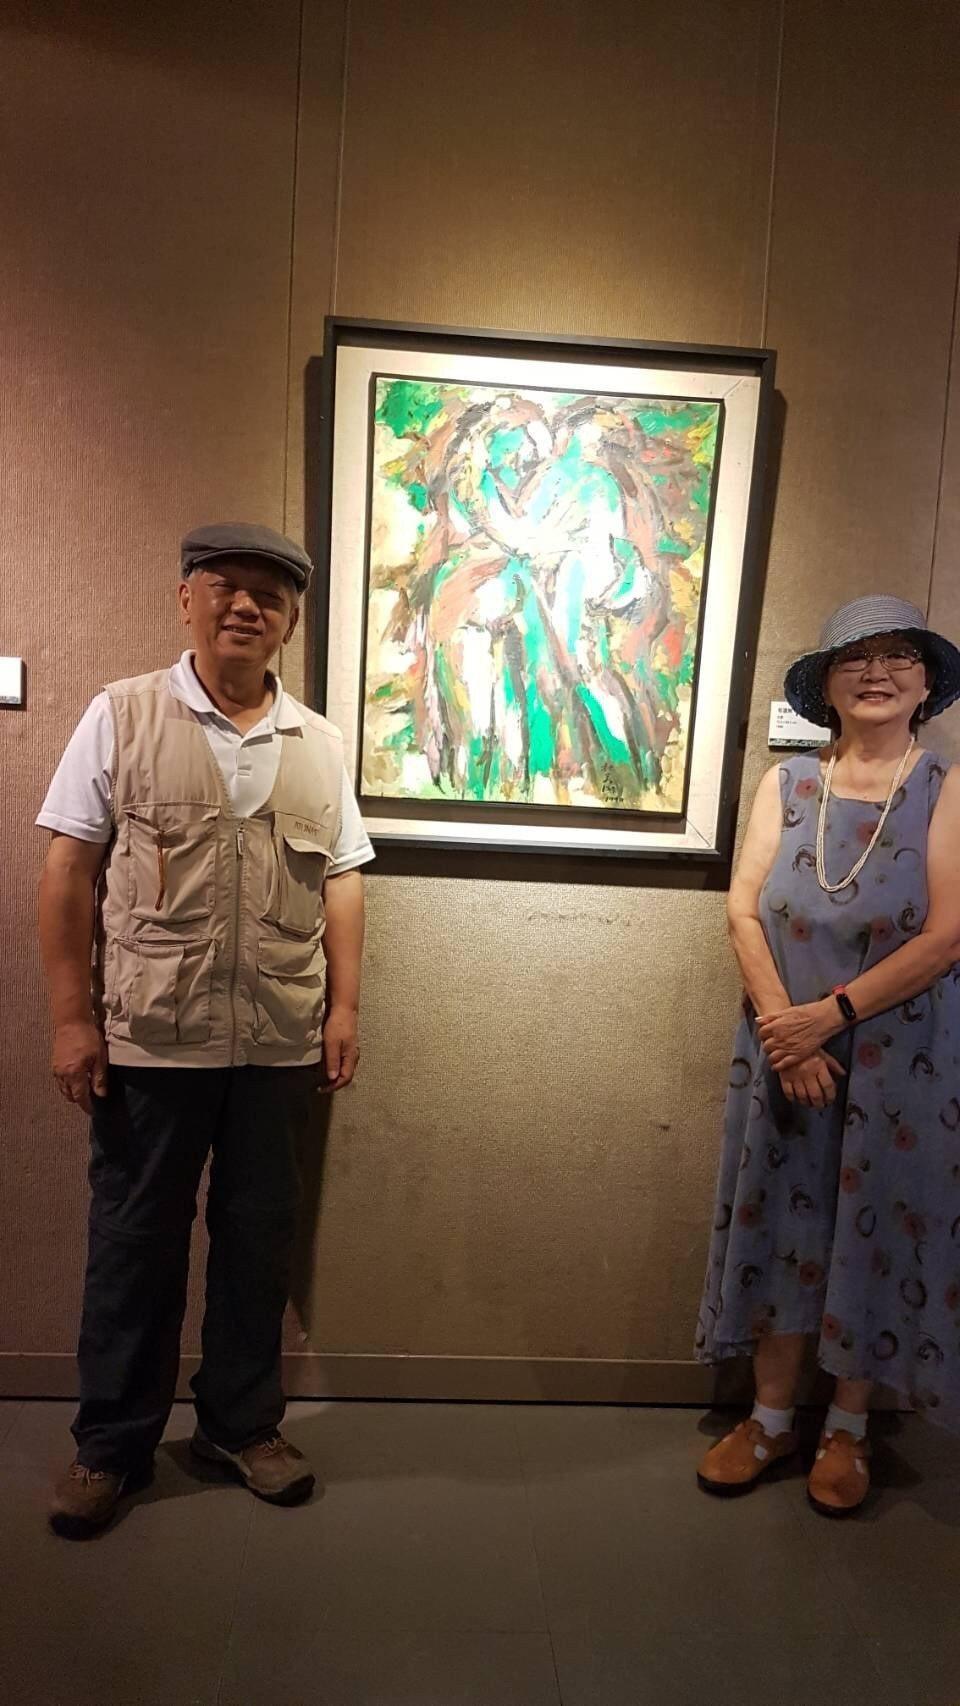 桃園市美術協會榮譽理事長黃哲夫(見圖左)及策展人鍾光華。桃園市美術協會/提供